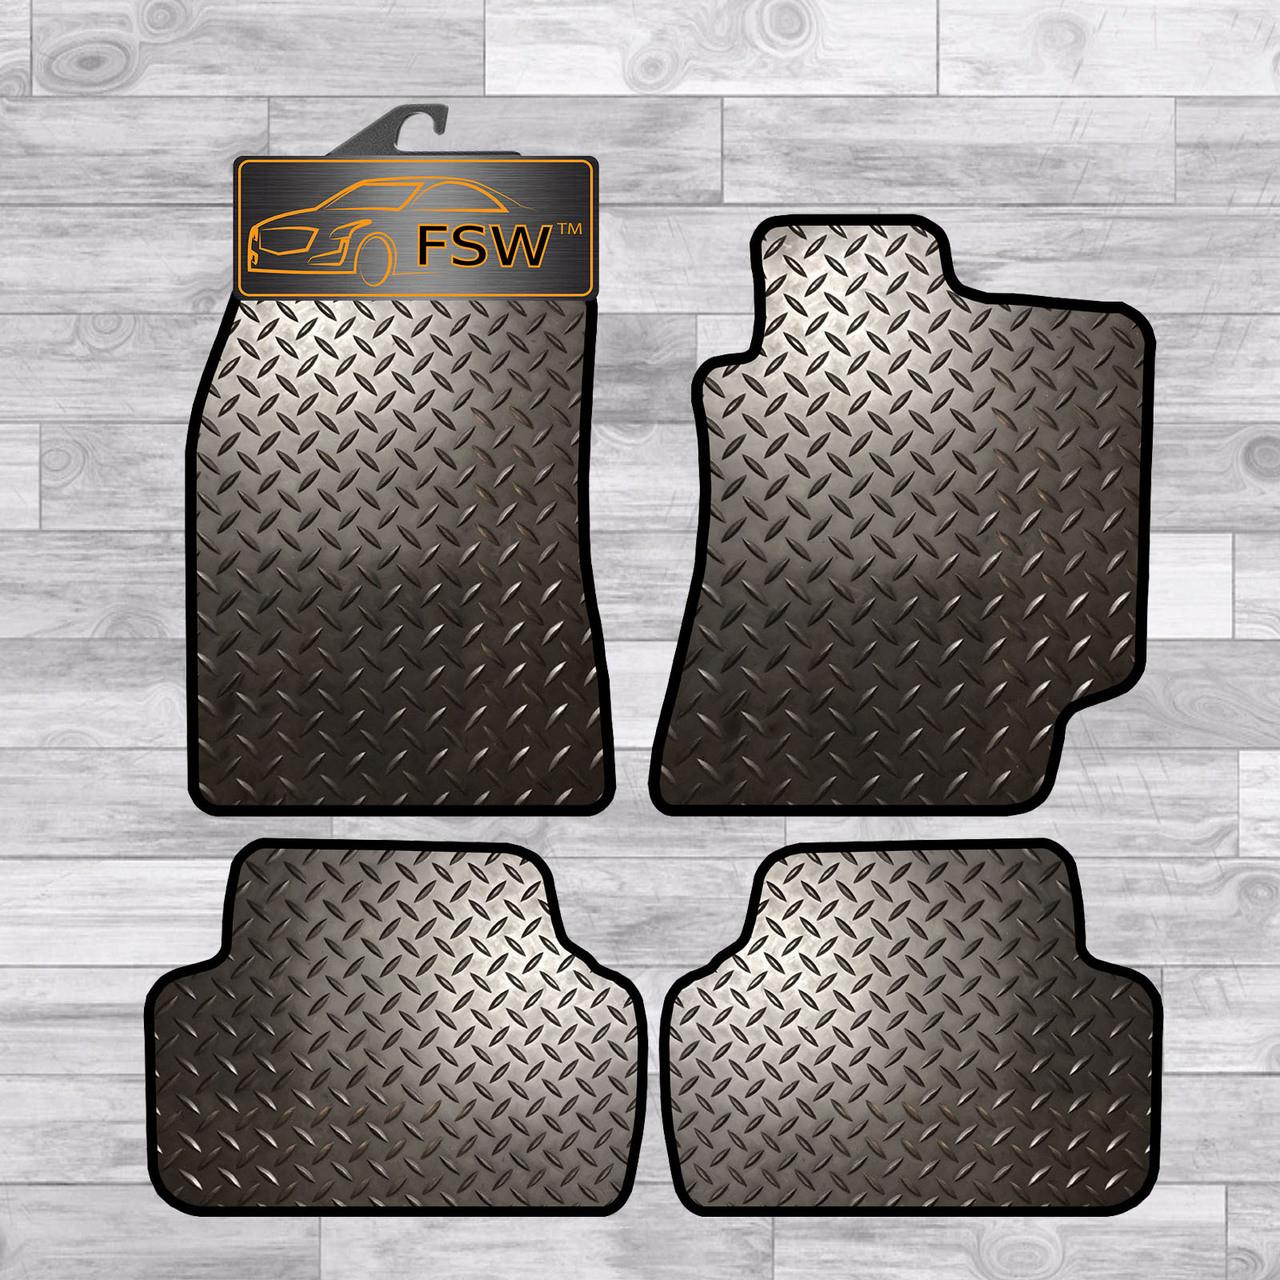 1999-2005 LEXUS IS200 Tailored Car Floor Mats GREY